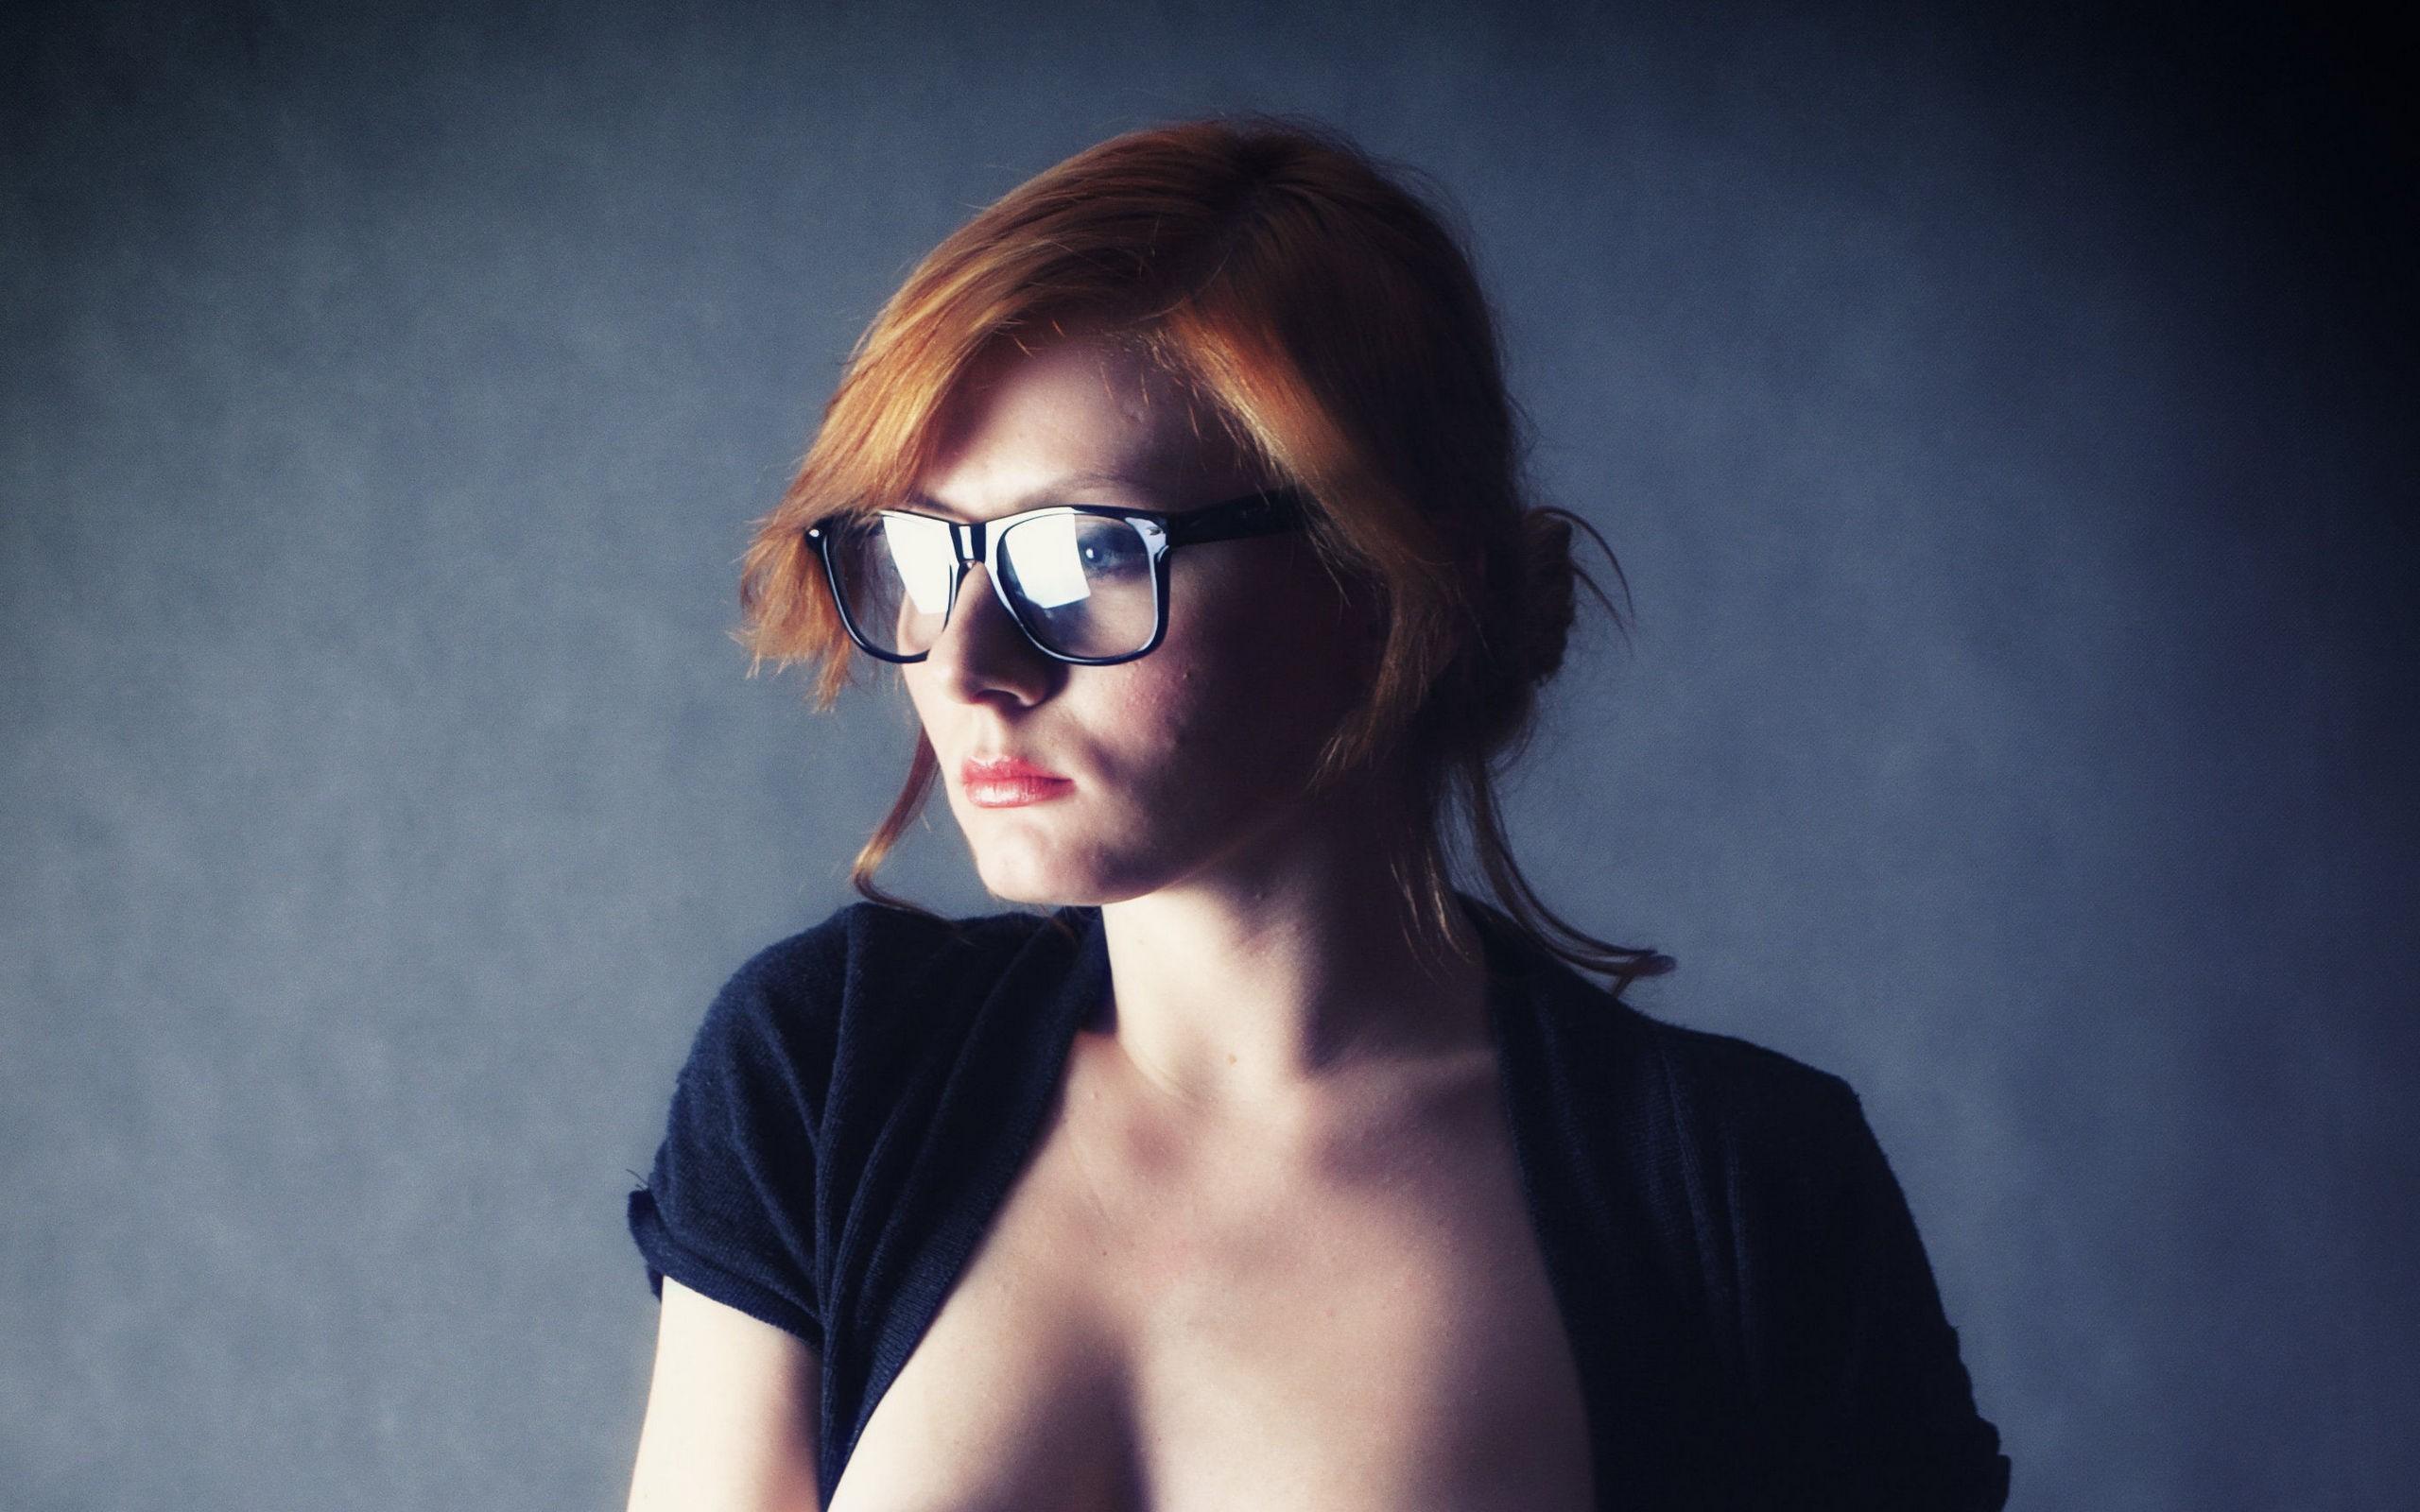 610 Koleksi Gambar Wallpaper Keren Wanita Terbaik